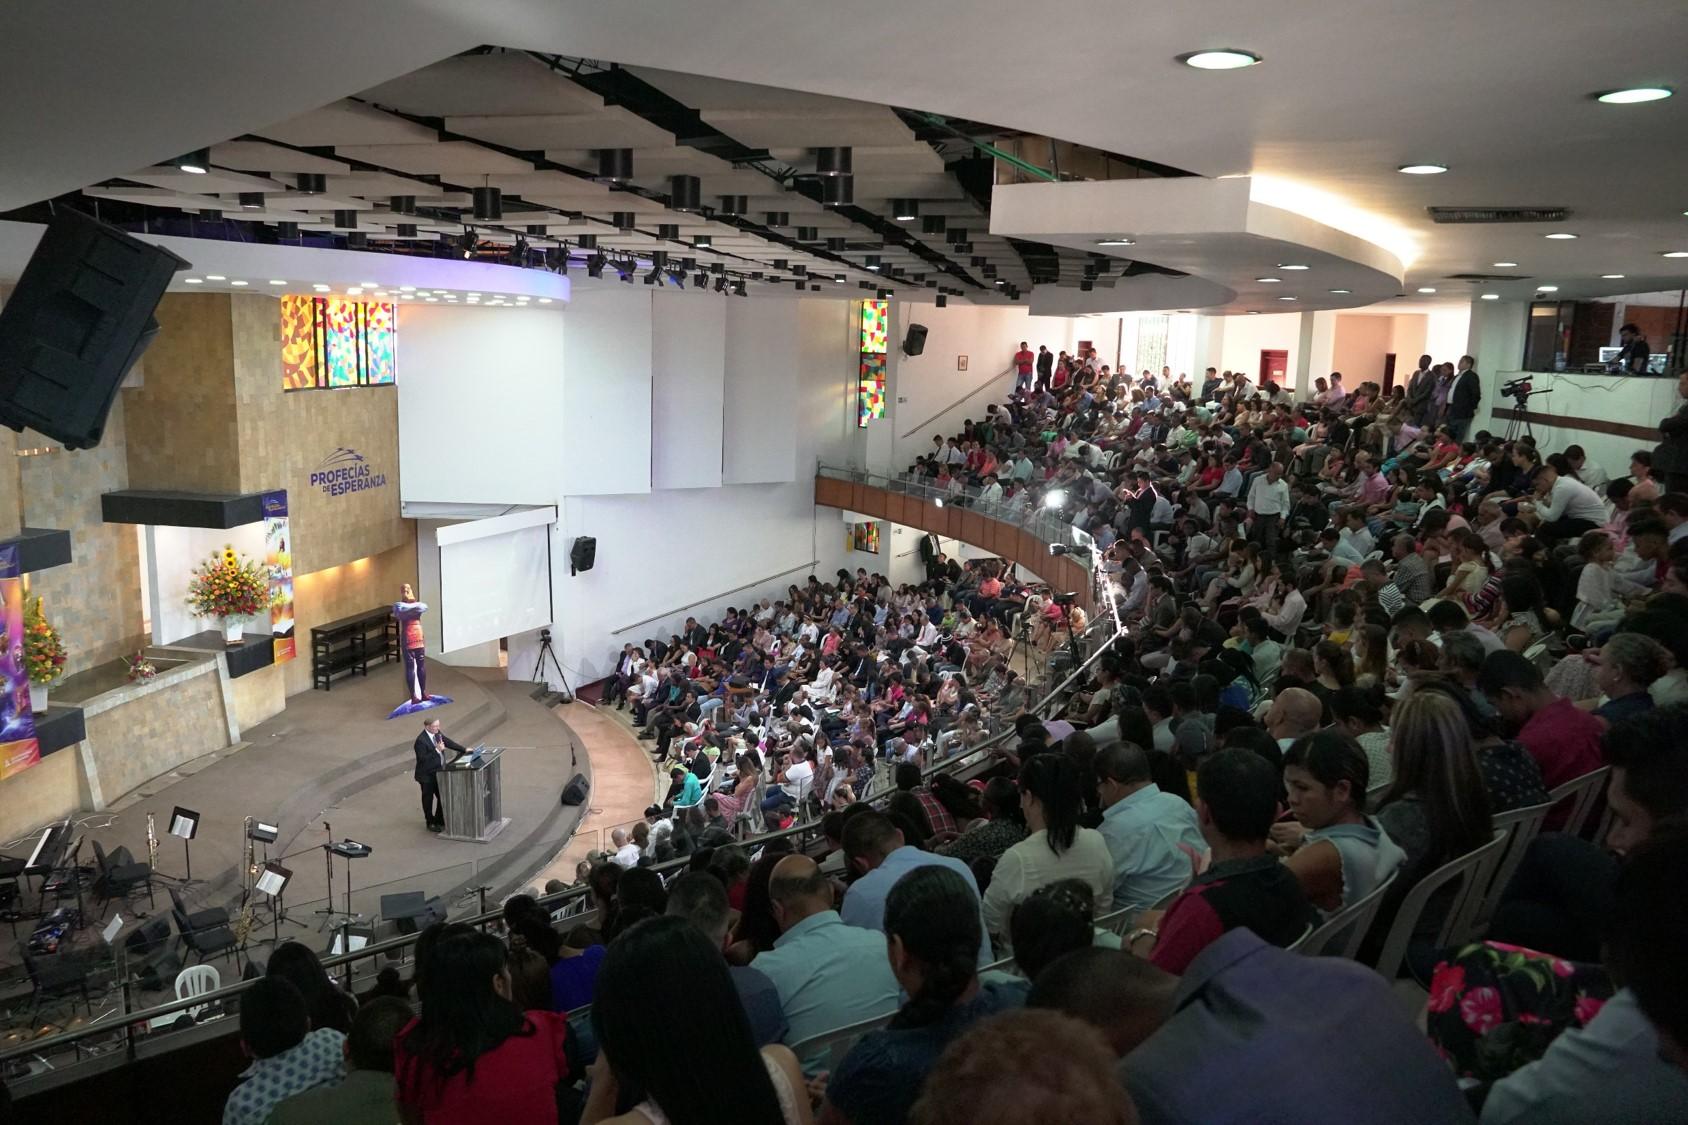 """Adventistas y amigos de la iglesia fueron fortalecidos durante el ciclo de conferencias """"Profecías de esperanza"""""""